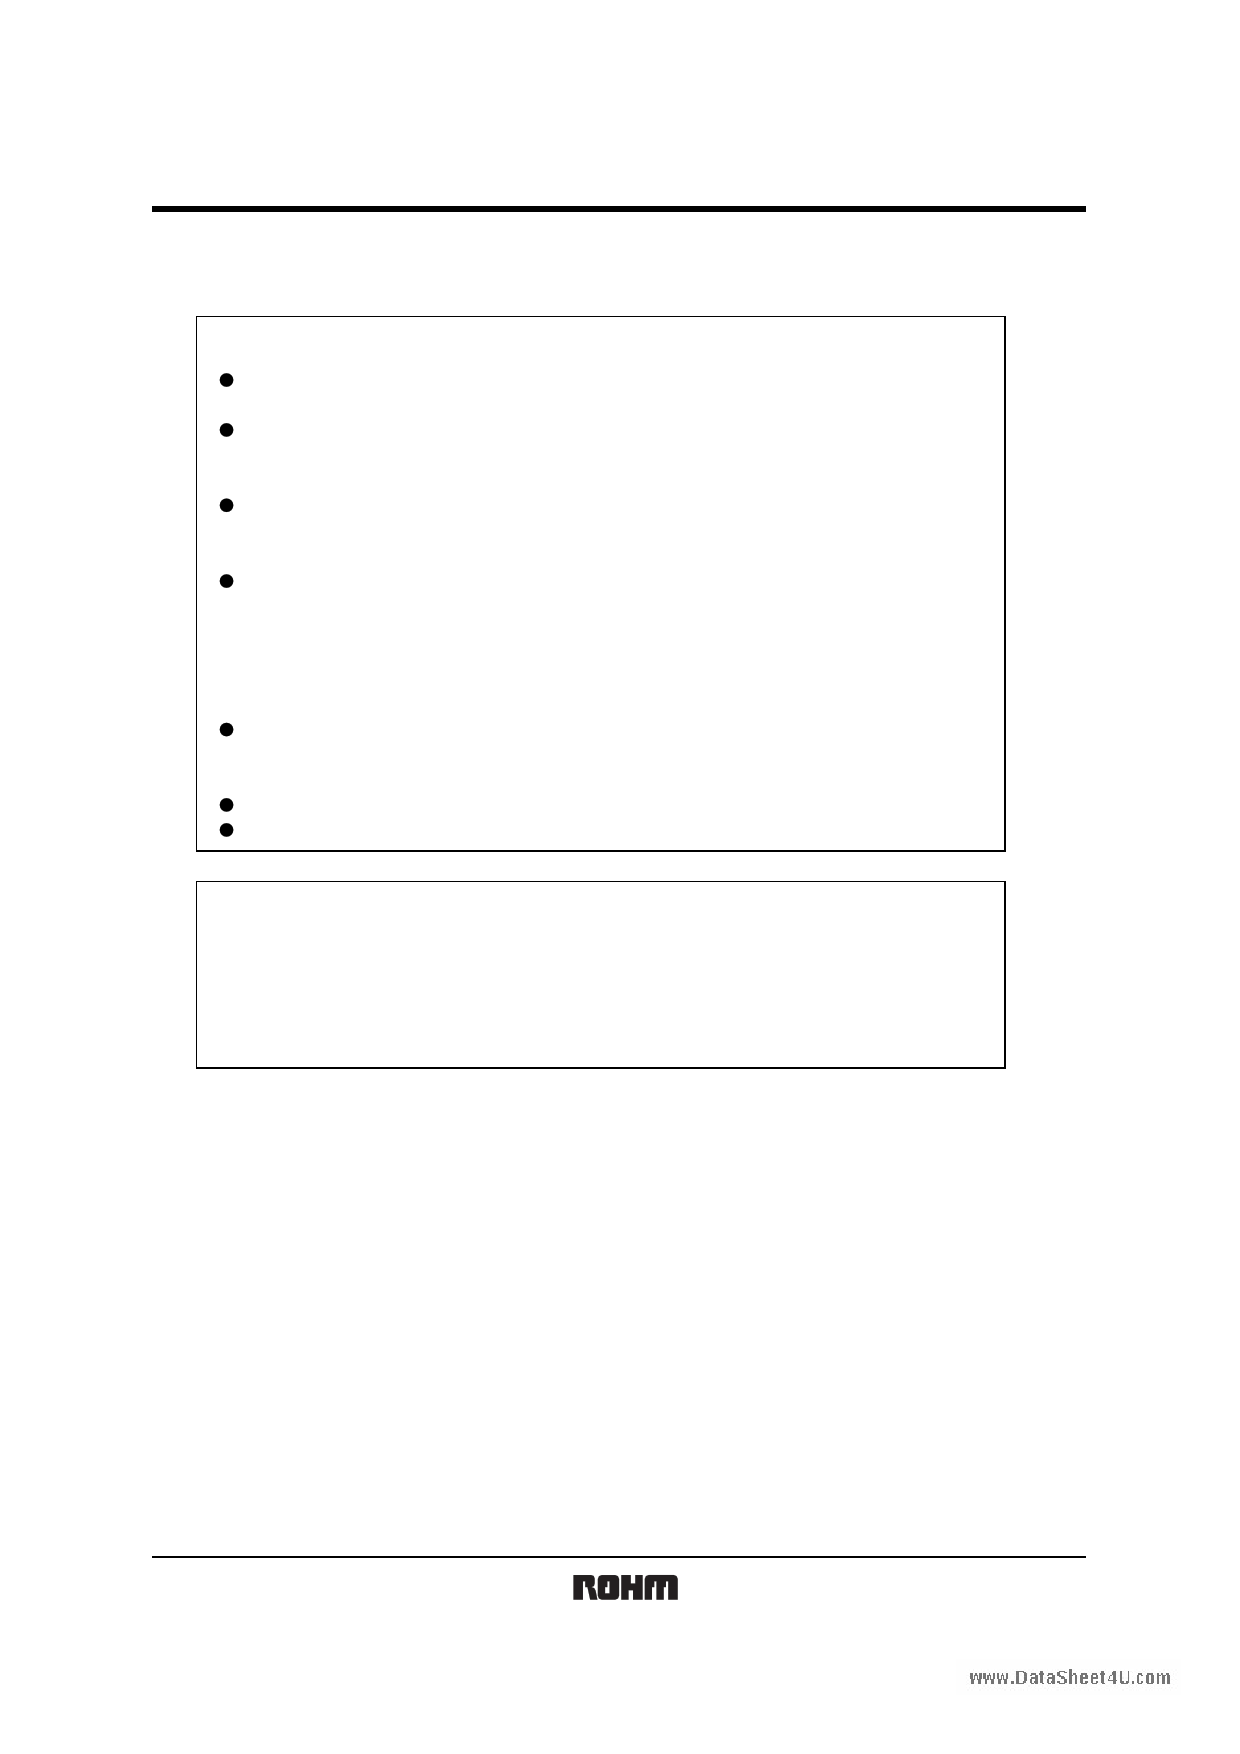 BD25KA5WF pdf